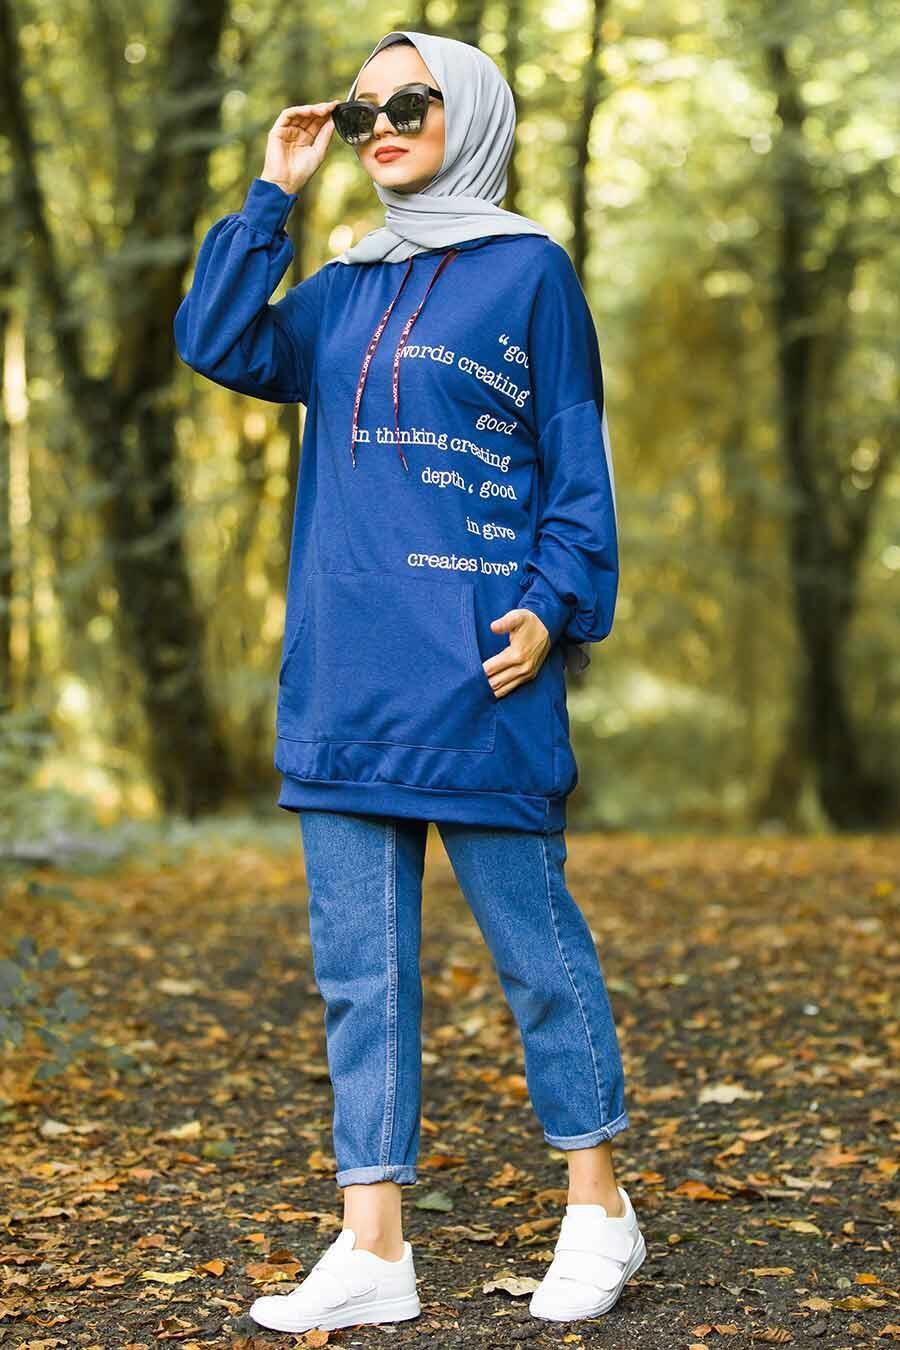 Neva Style - Cepli Kapşonlu İndigo Mavisi Tesettür Sweatshirt 1143IM